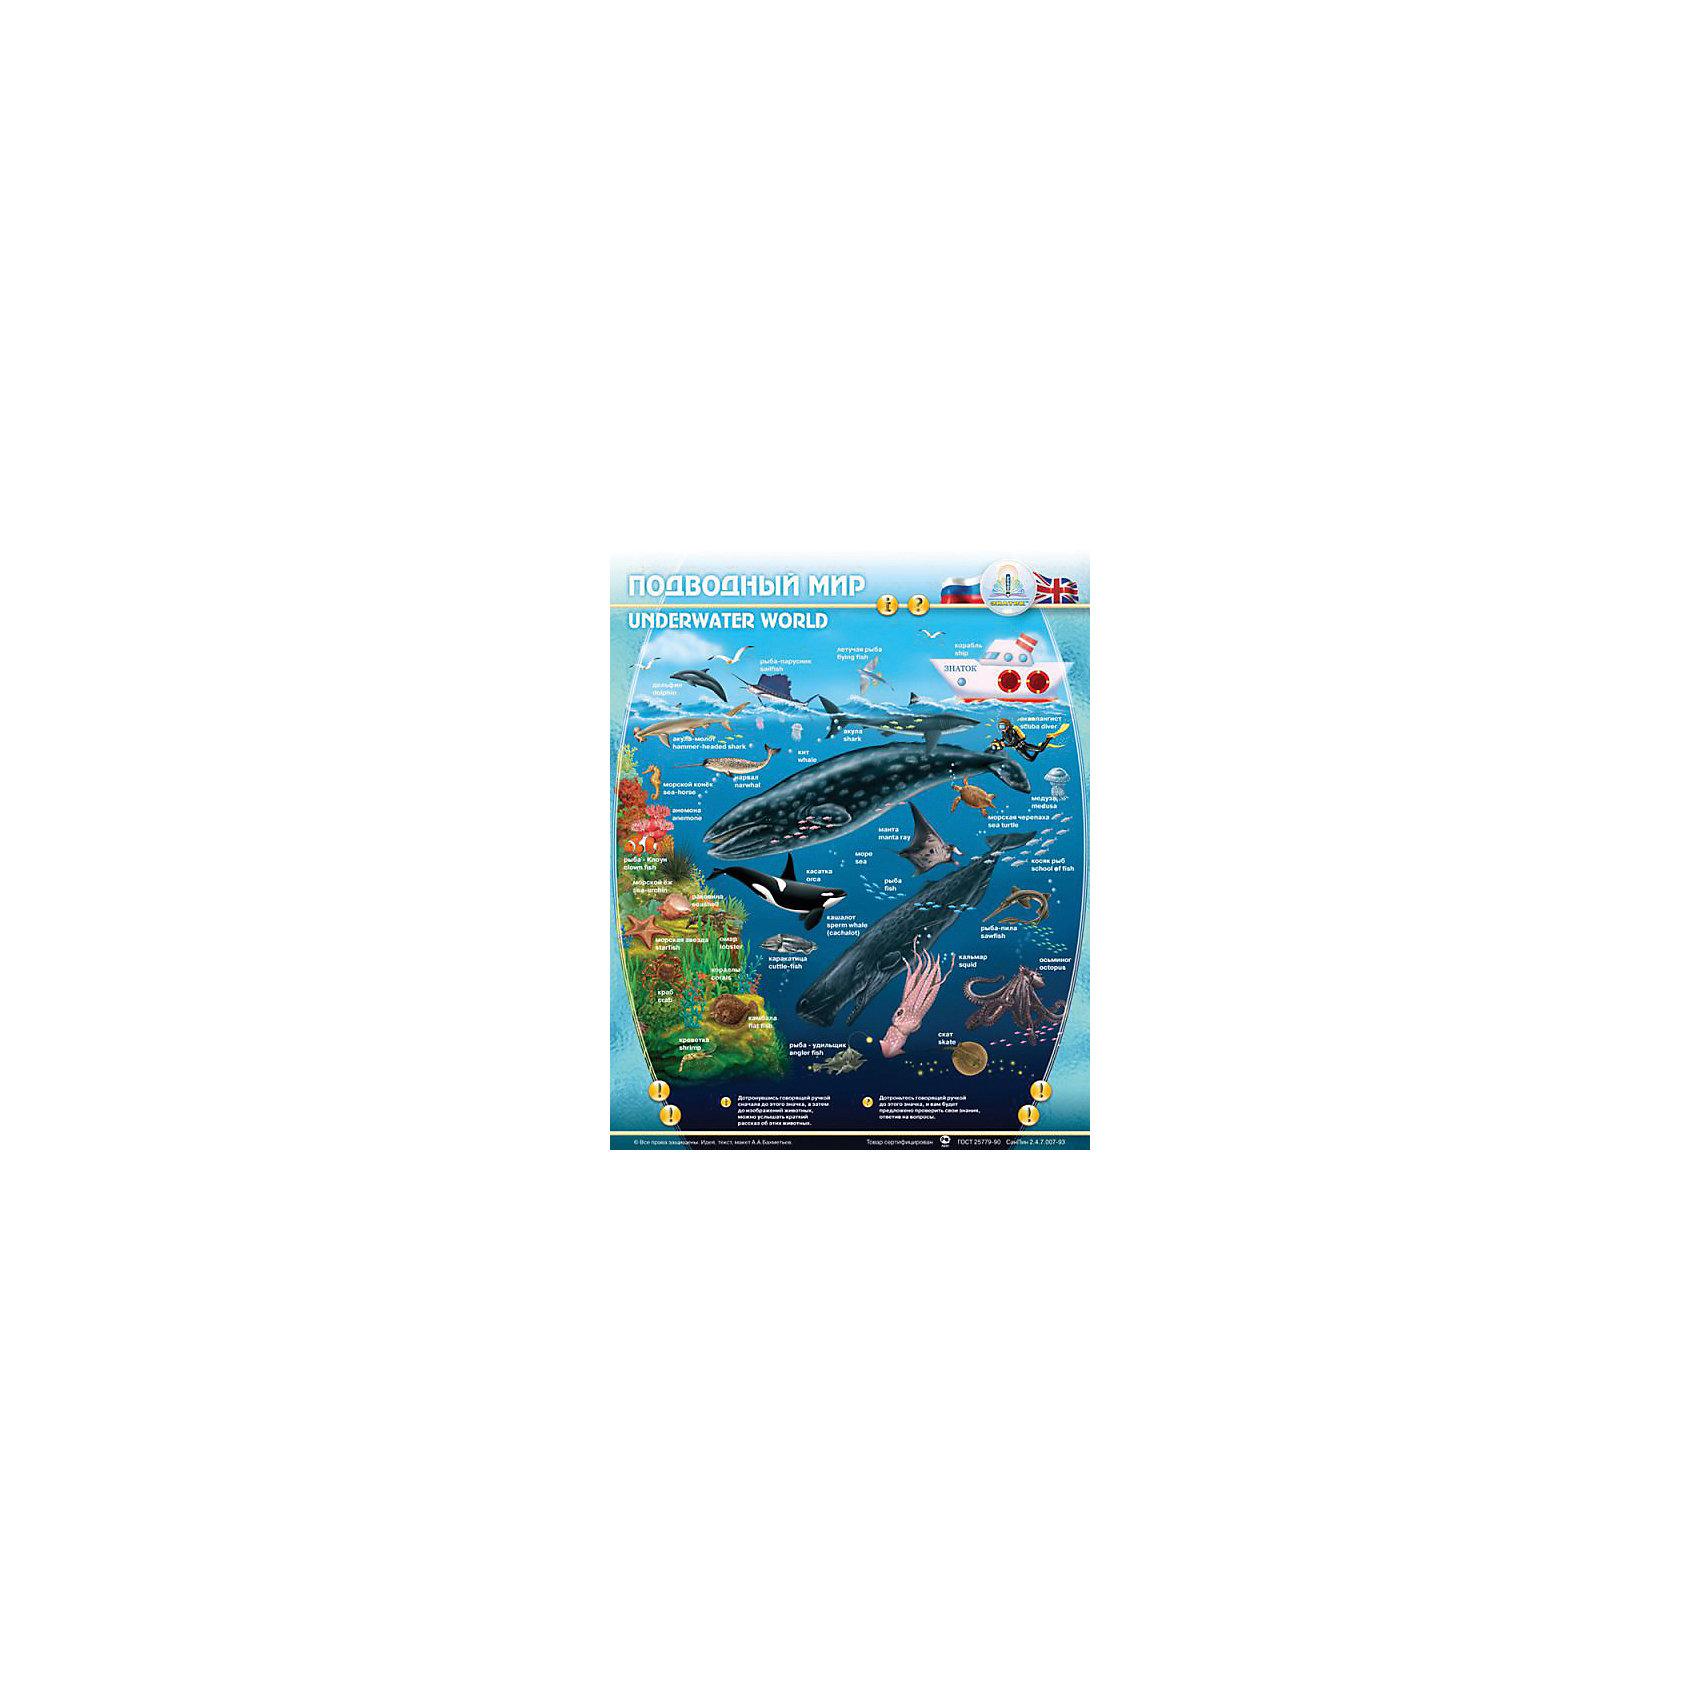 Электронный звуковой плакат Подводный МирЭлектронный звуковой плакат Подводный Мир<br><br>Ширина мм: 230<br>Глубина мм: 40<br>Высота мм: 485<br>Вес г: 500<br>Возраст от месяцев: 36<br>Возраст до месяцев: 84<br>Пол: Унисекс<br>Возраст: Детский<br>SKU: 2403205